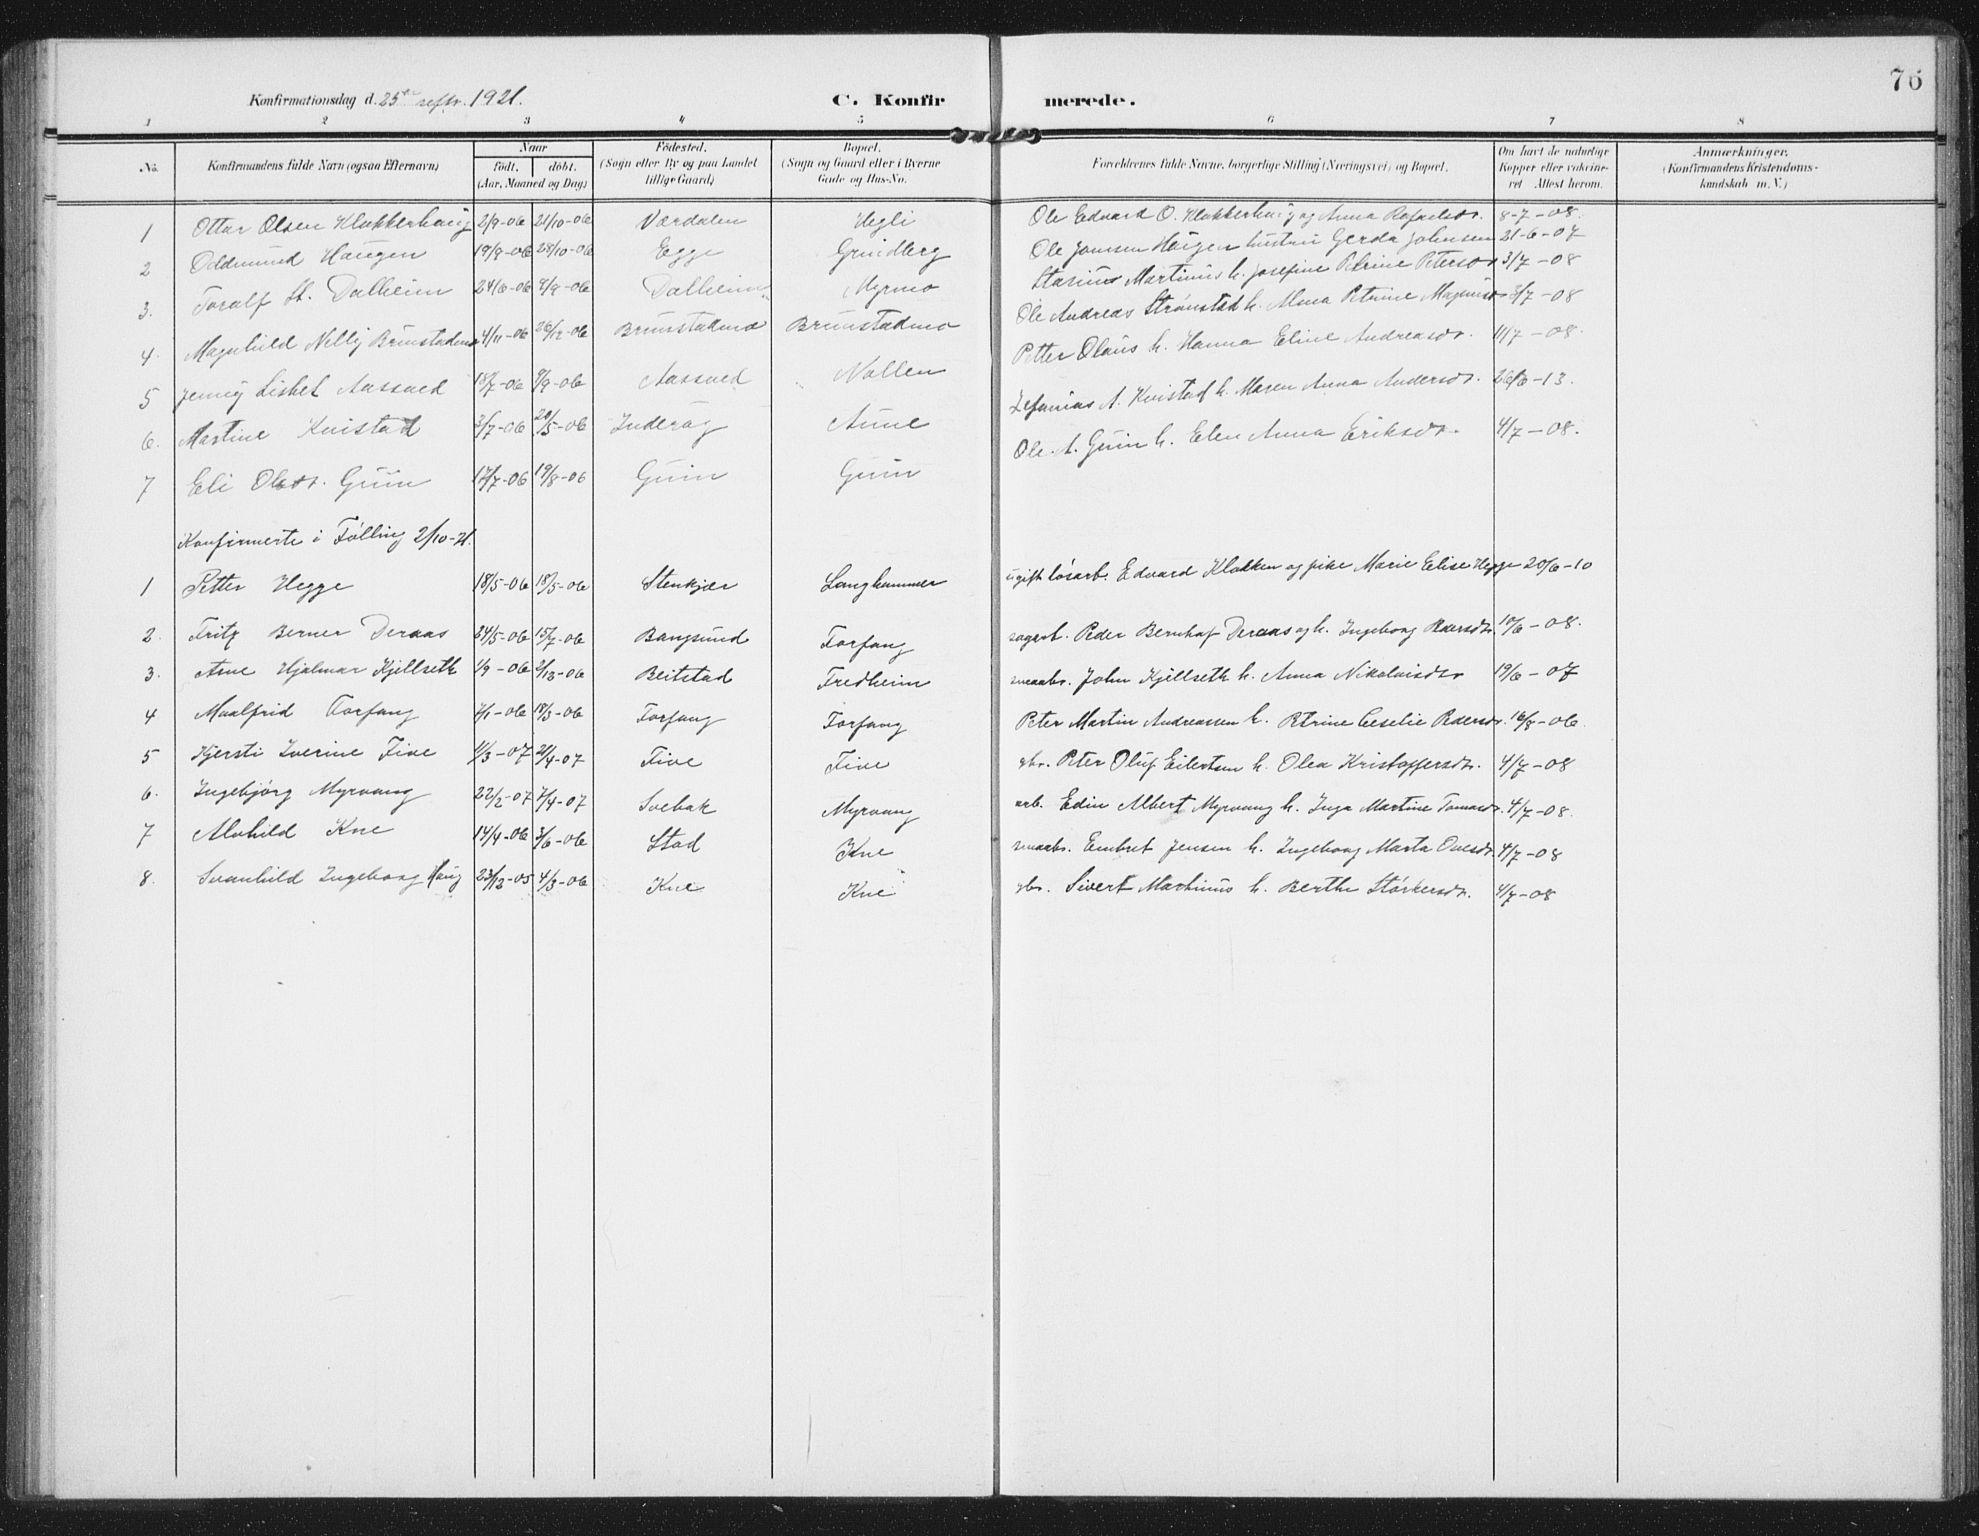 SAT, Ministerialprotokoller, klokkerbøker og fødselsregistre - Nord-Trøndelag, 747/L0460: Klokkerbok nr. 747C02, 1908-1939, s. 76